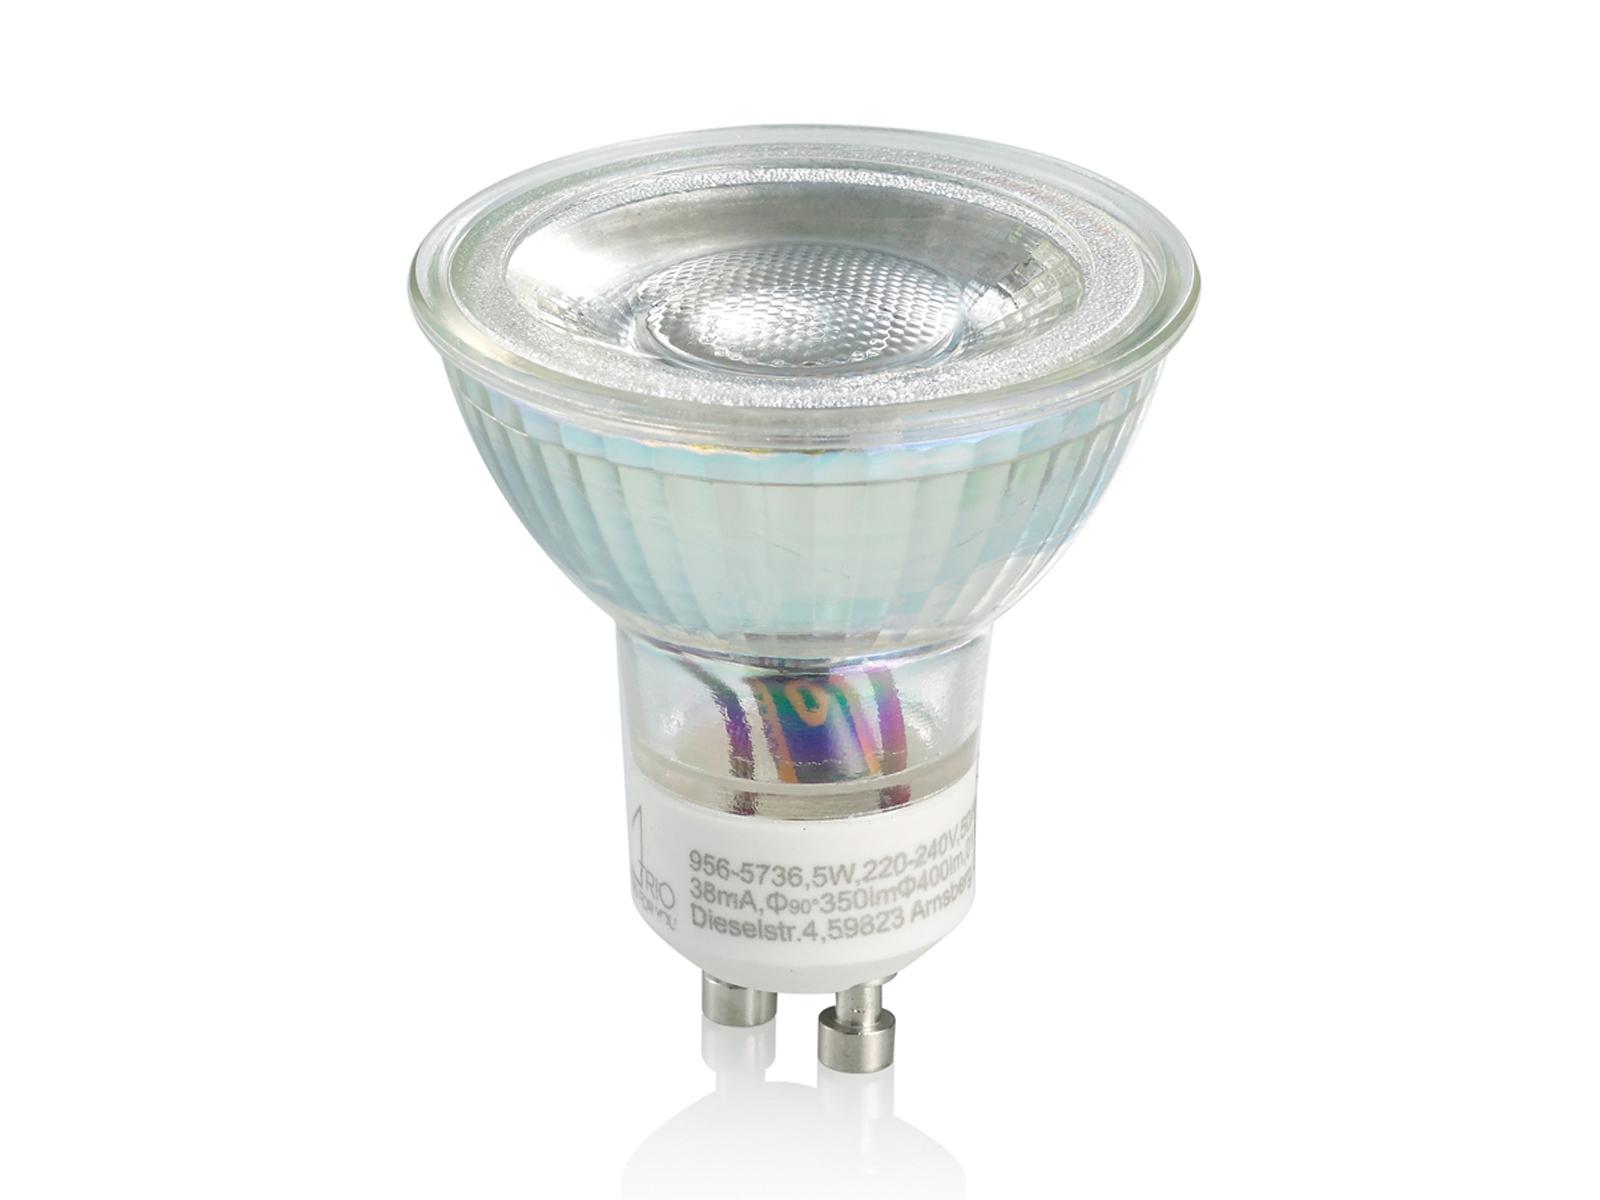 Gu led lampe w spot mit linse neutralweiß